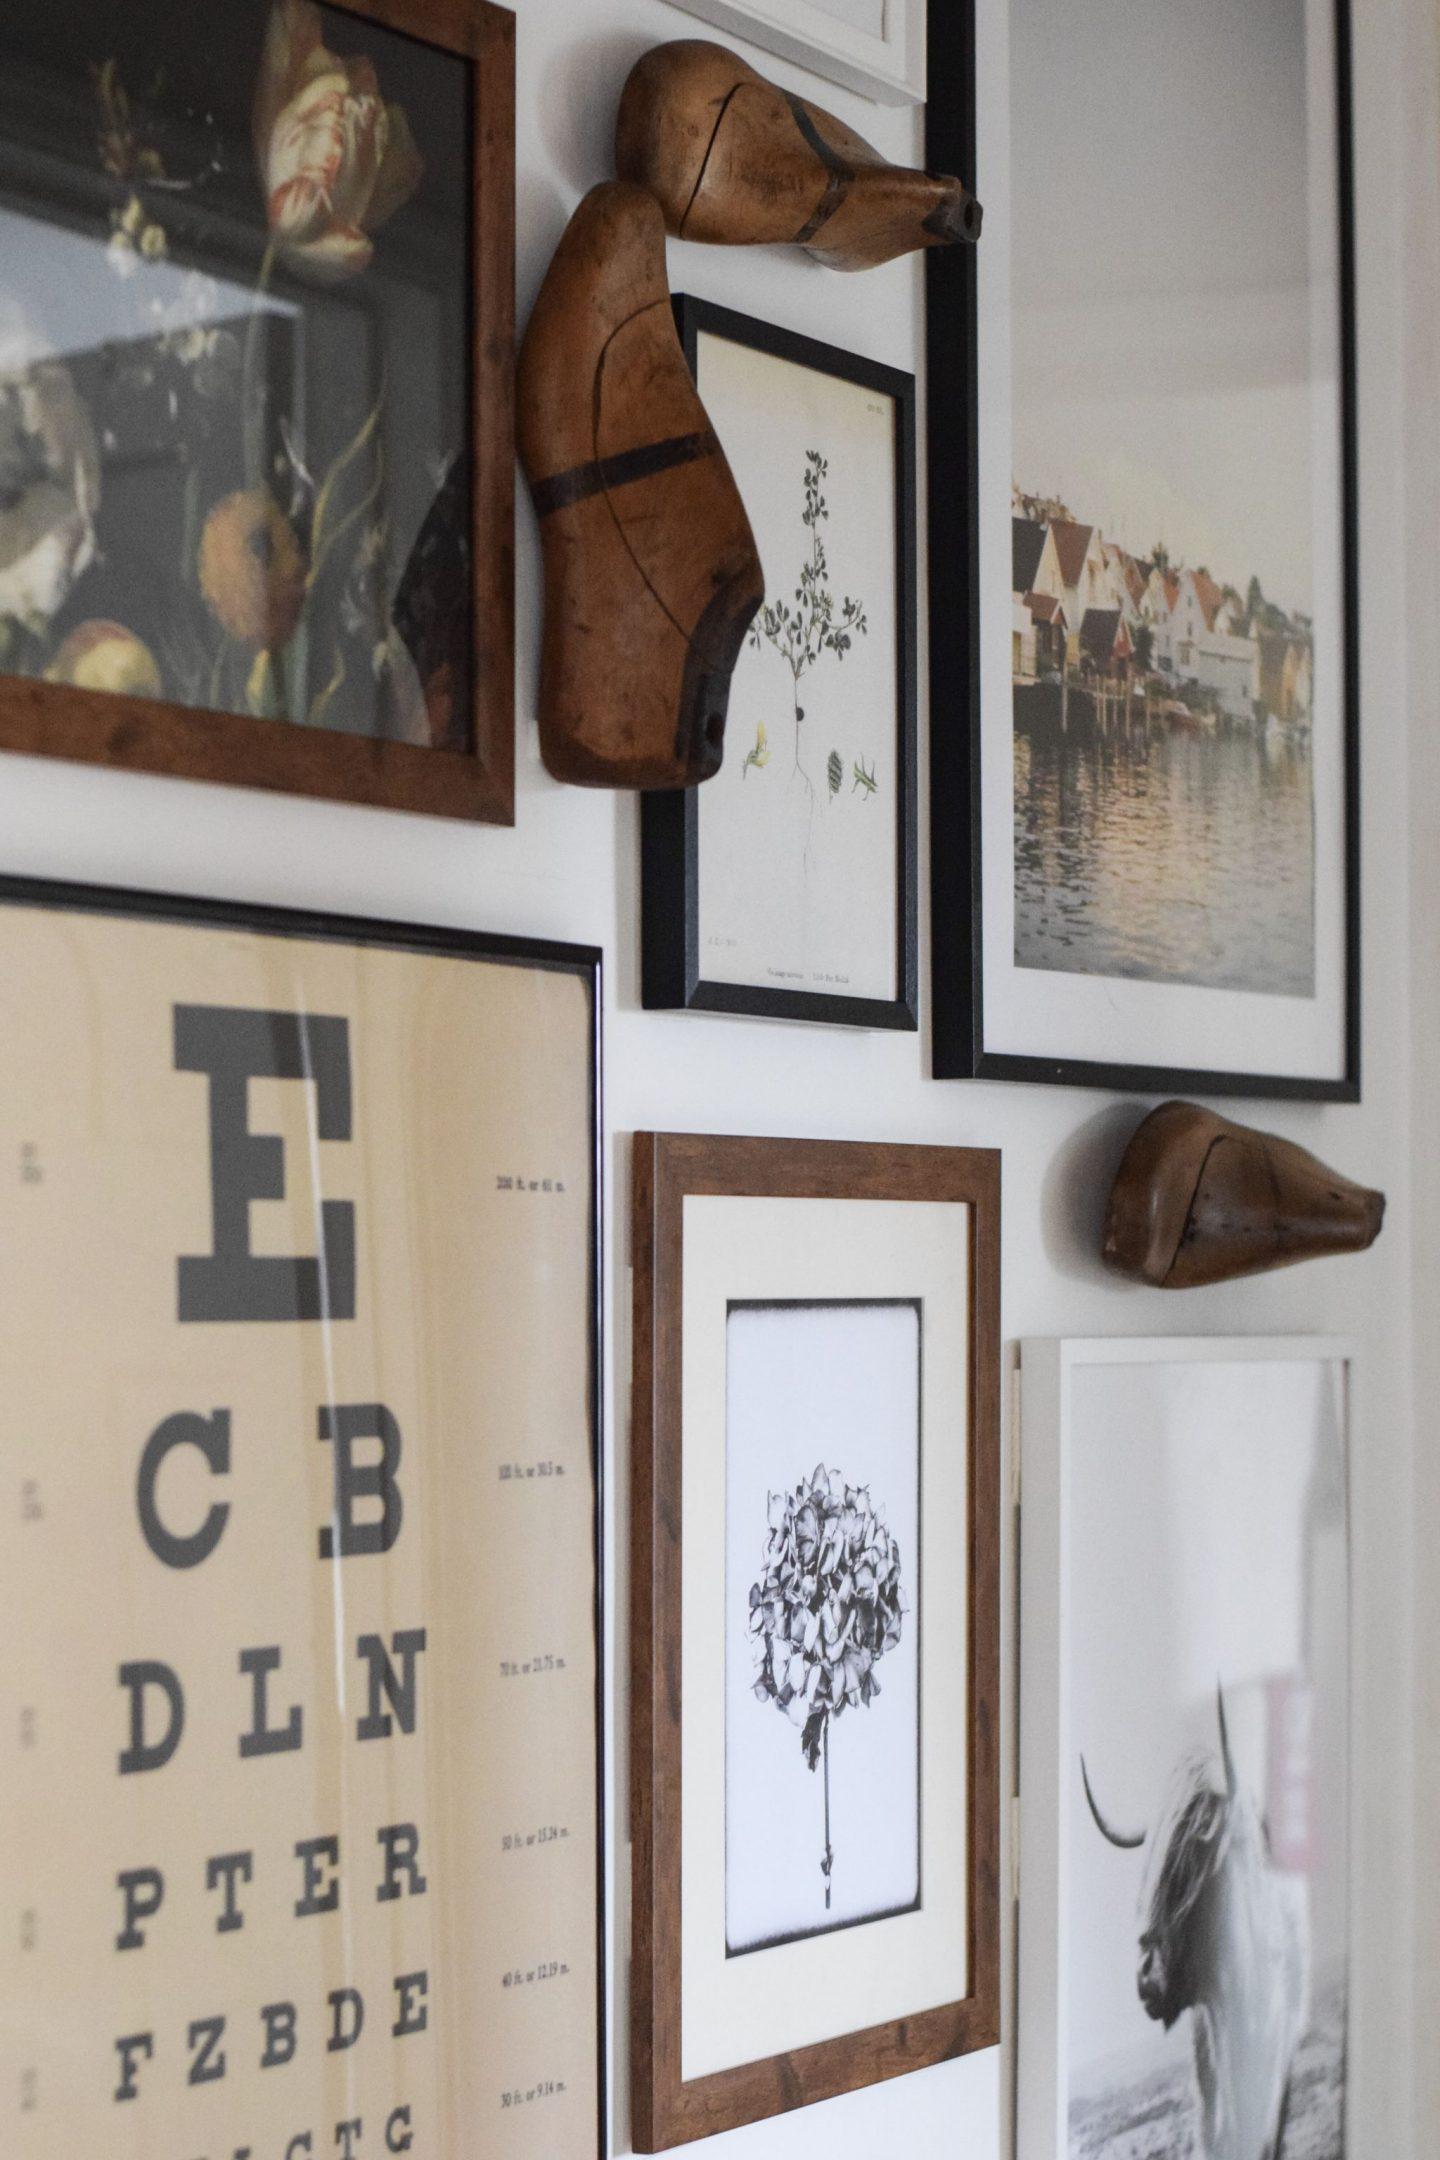 Gallery walls…